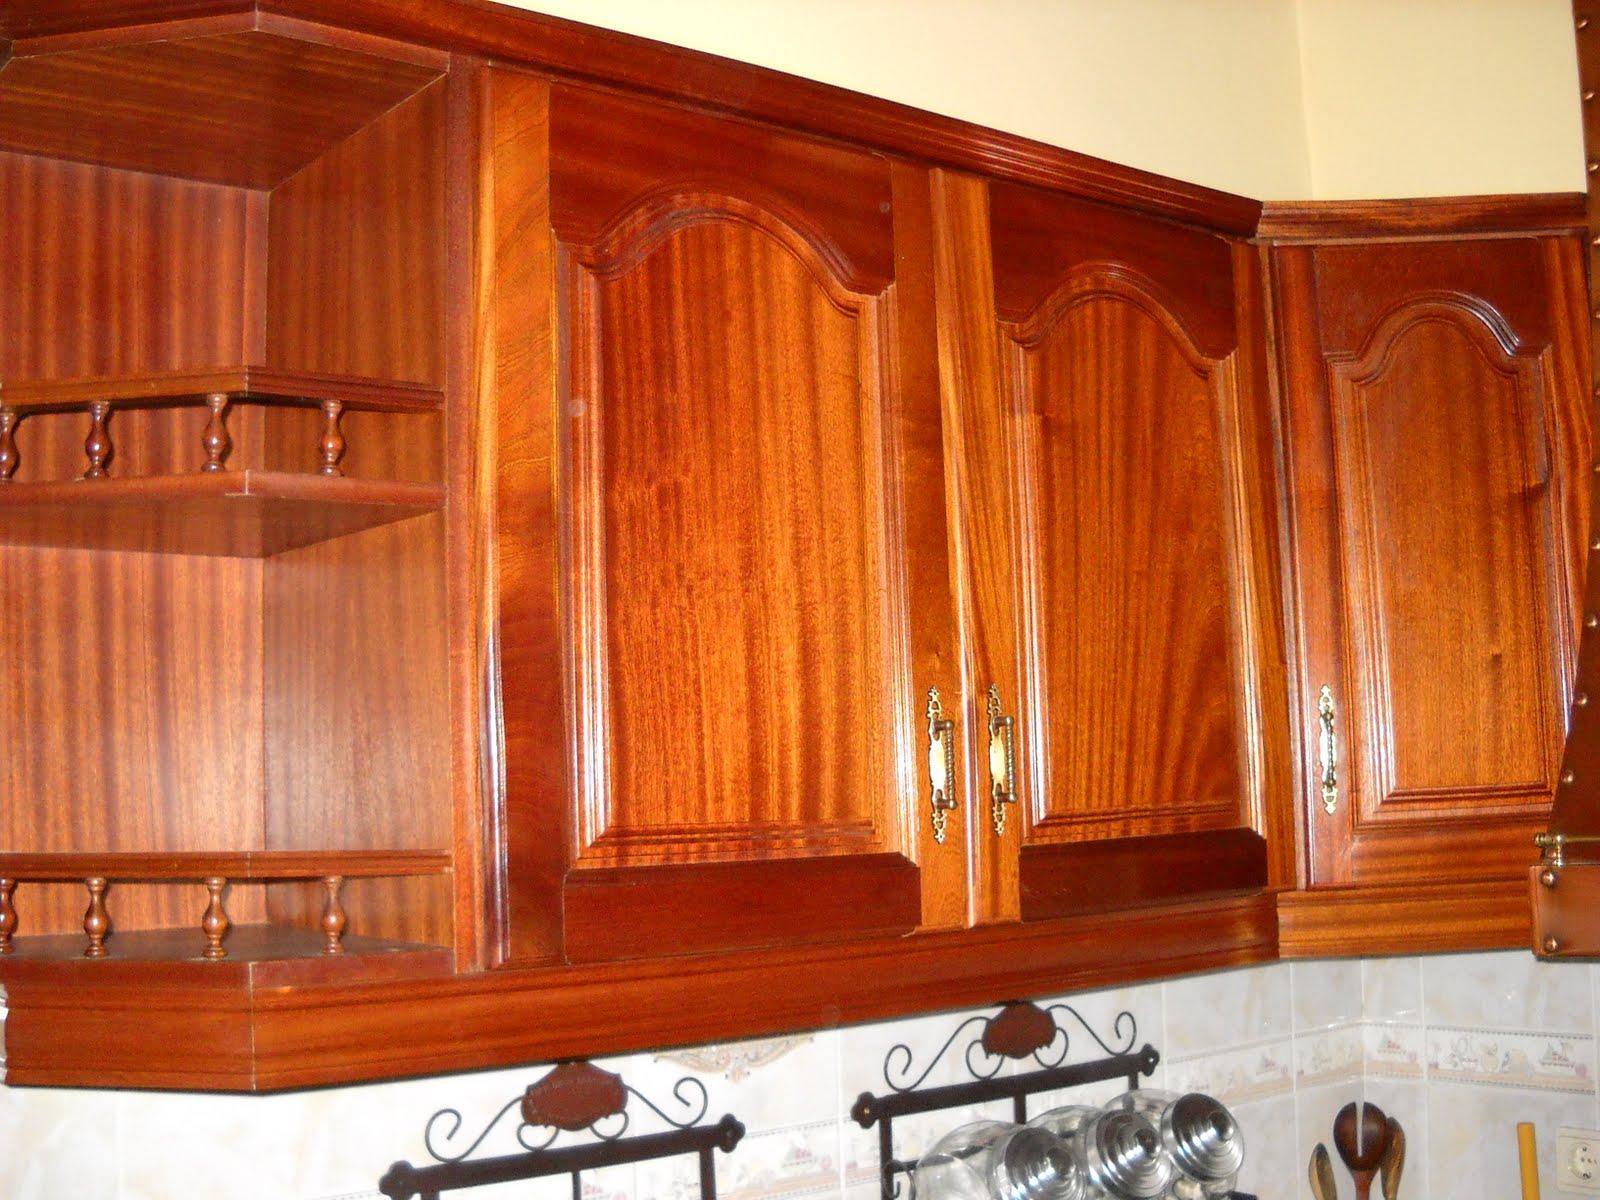 Artes Decorativas: Restauro de móveis #CA7001 1600x1200